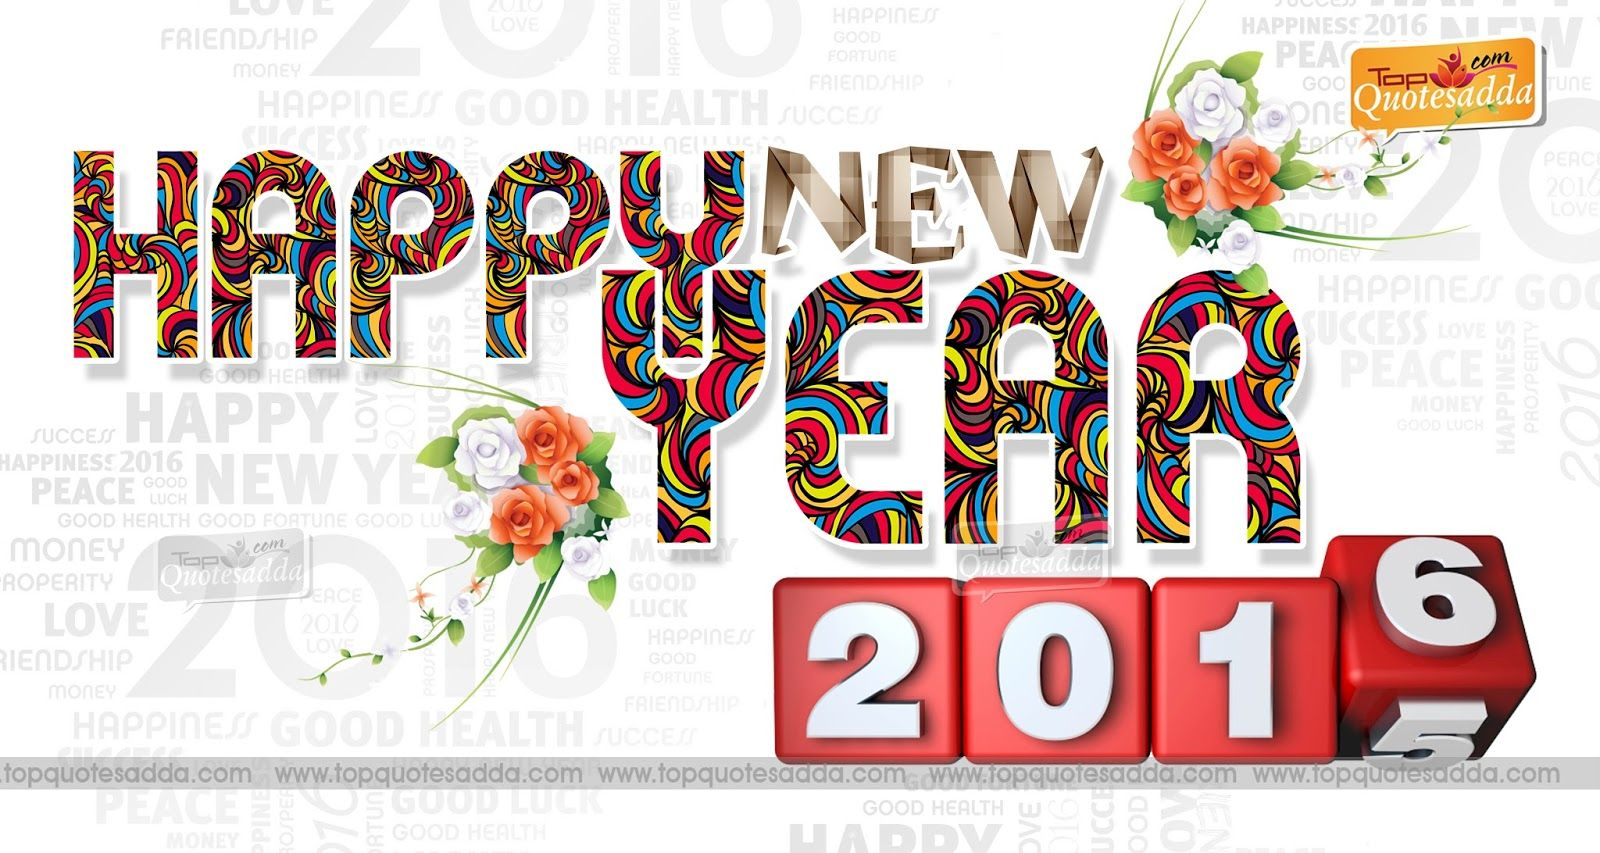 Telugu 2016 Nuthana Samvastara Subhakankshalu Images 2016 Happy New